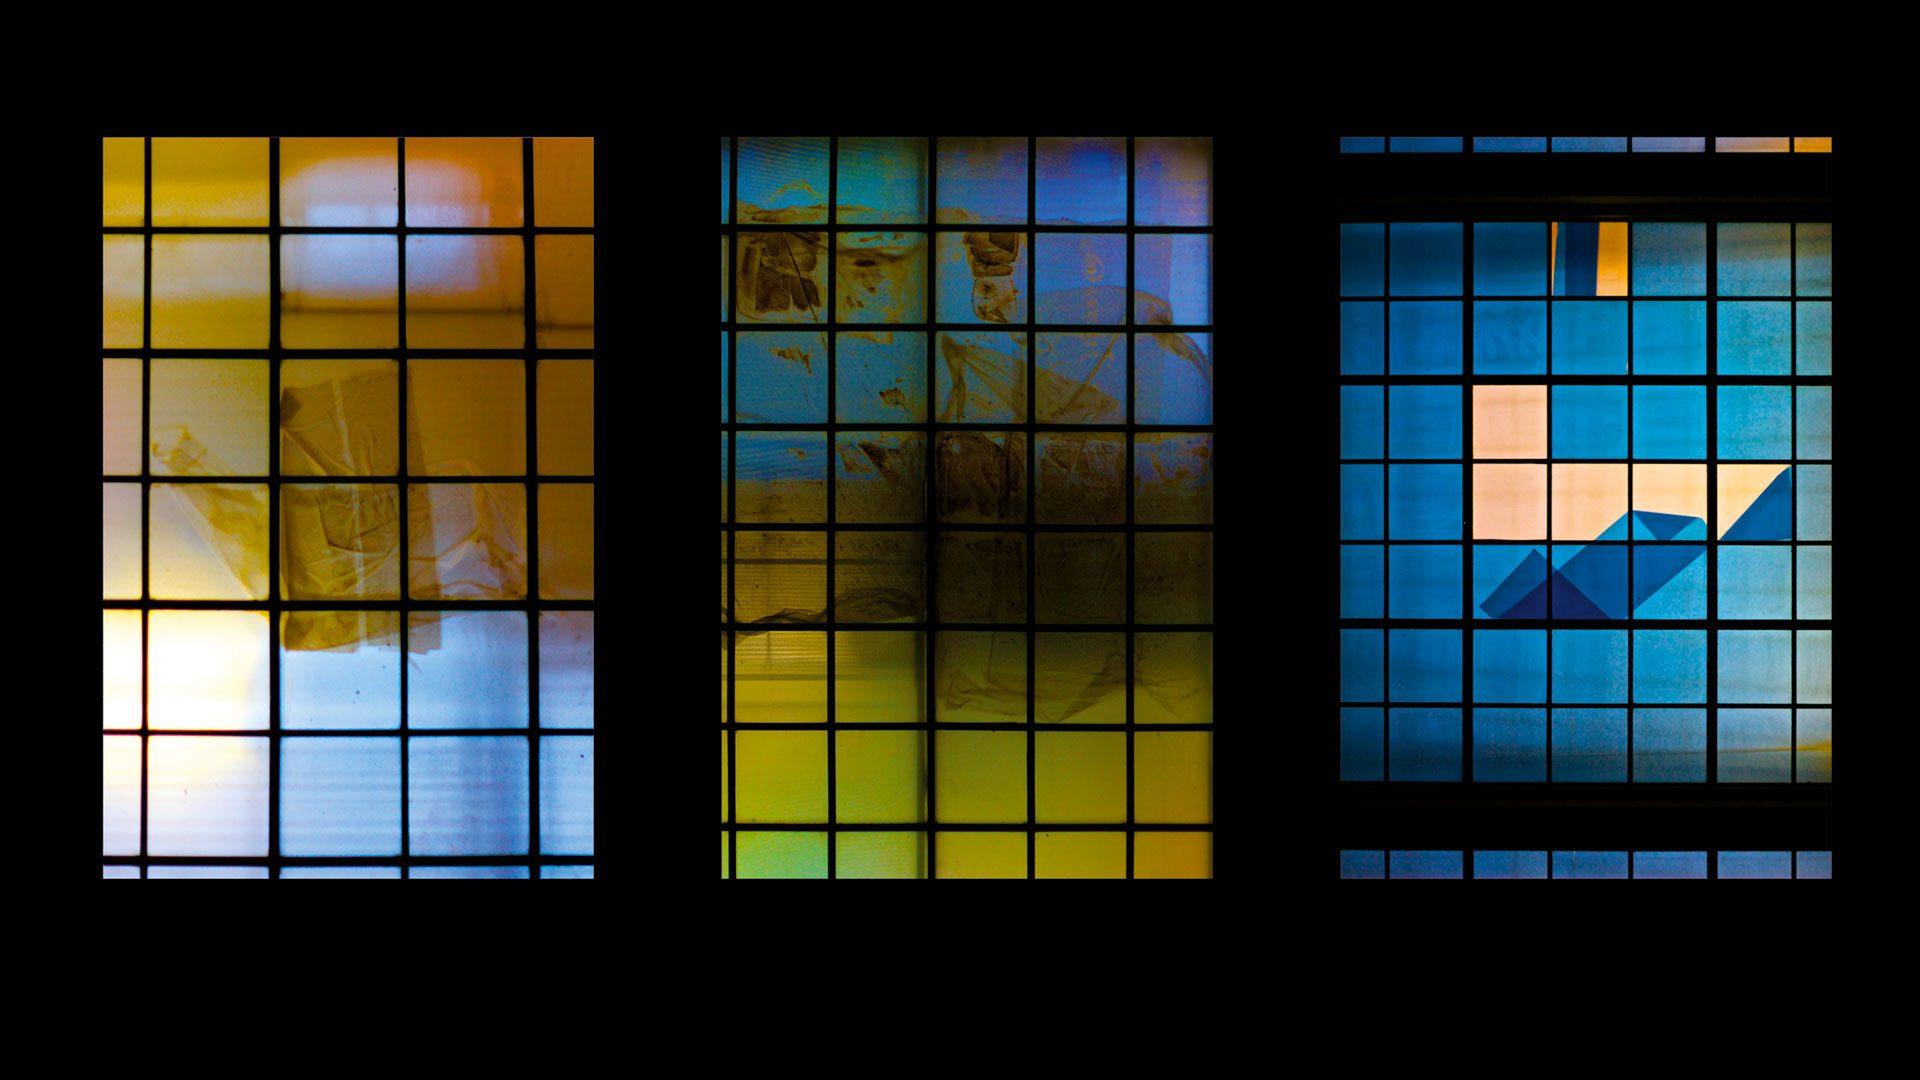 Squares & Walls (2011)